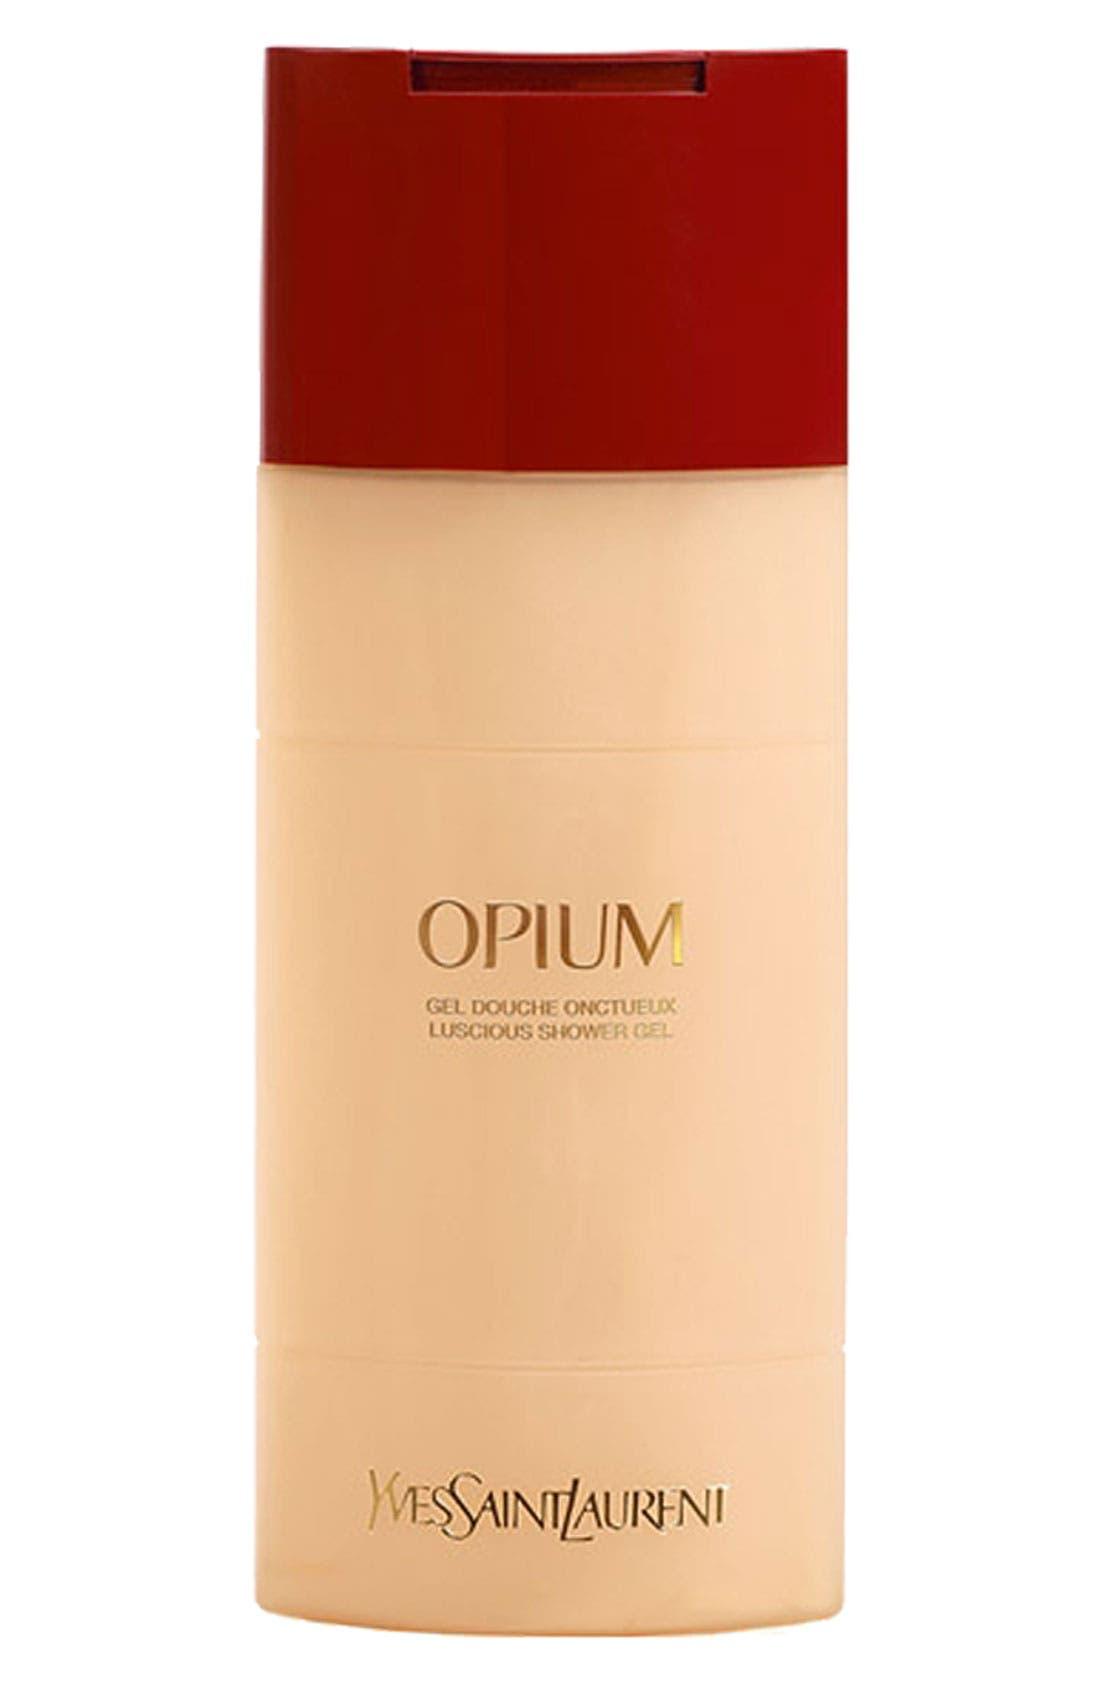 YVES SAINT LAURENT, Opium Luscious Shower Gel, Main thumbnail 1, color, NO COLOR